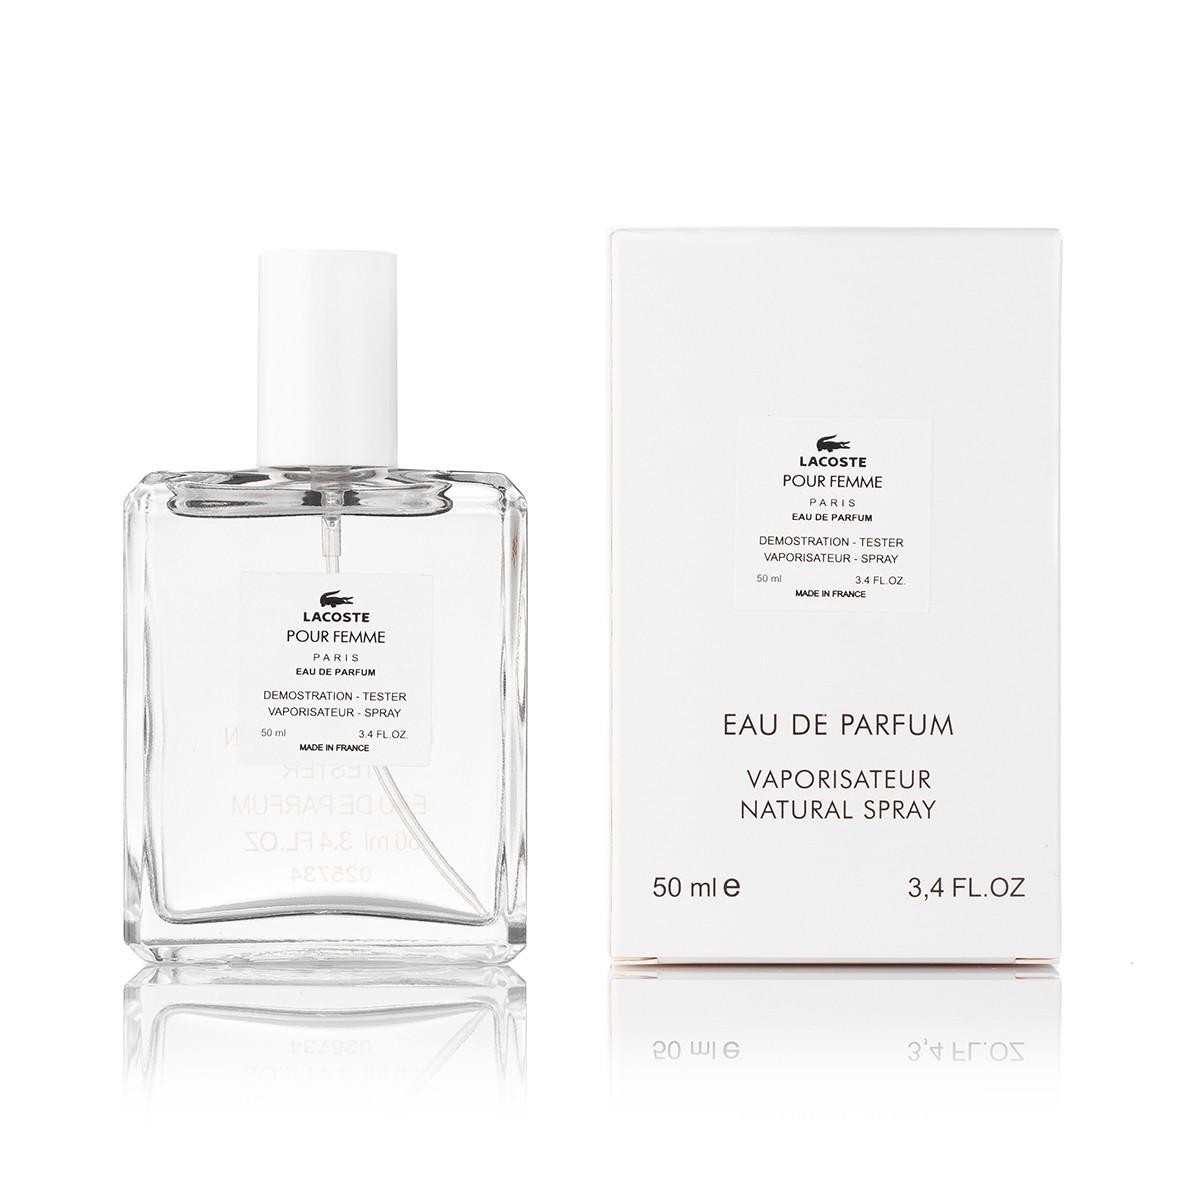 Lacoste Pour Femme (лакоста пур фэм) парфюм женский тестер 50 ml (реплика)